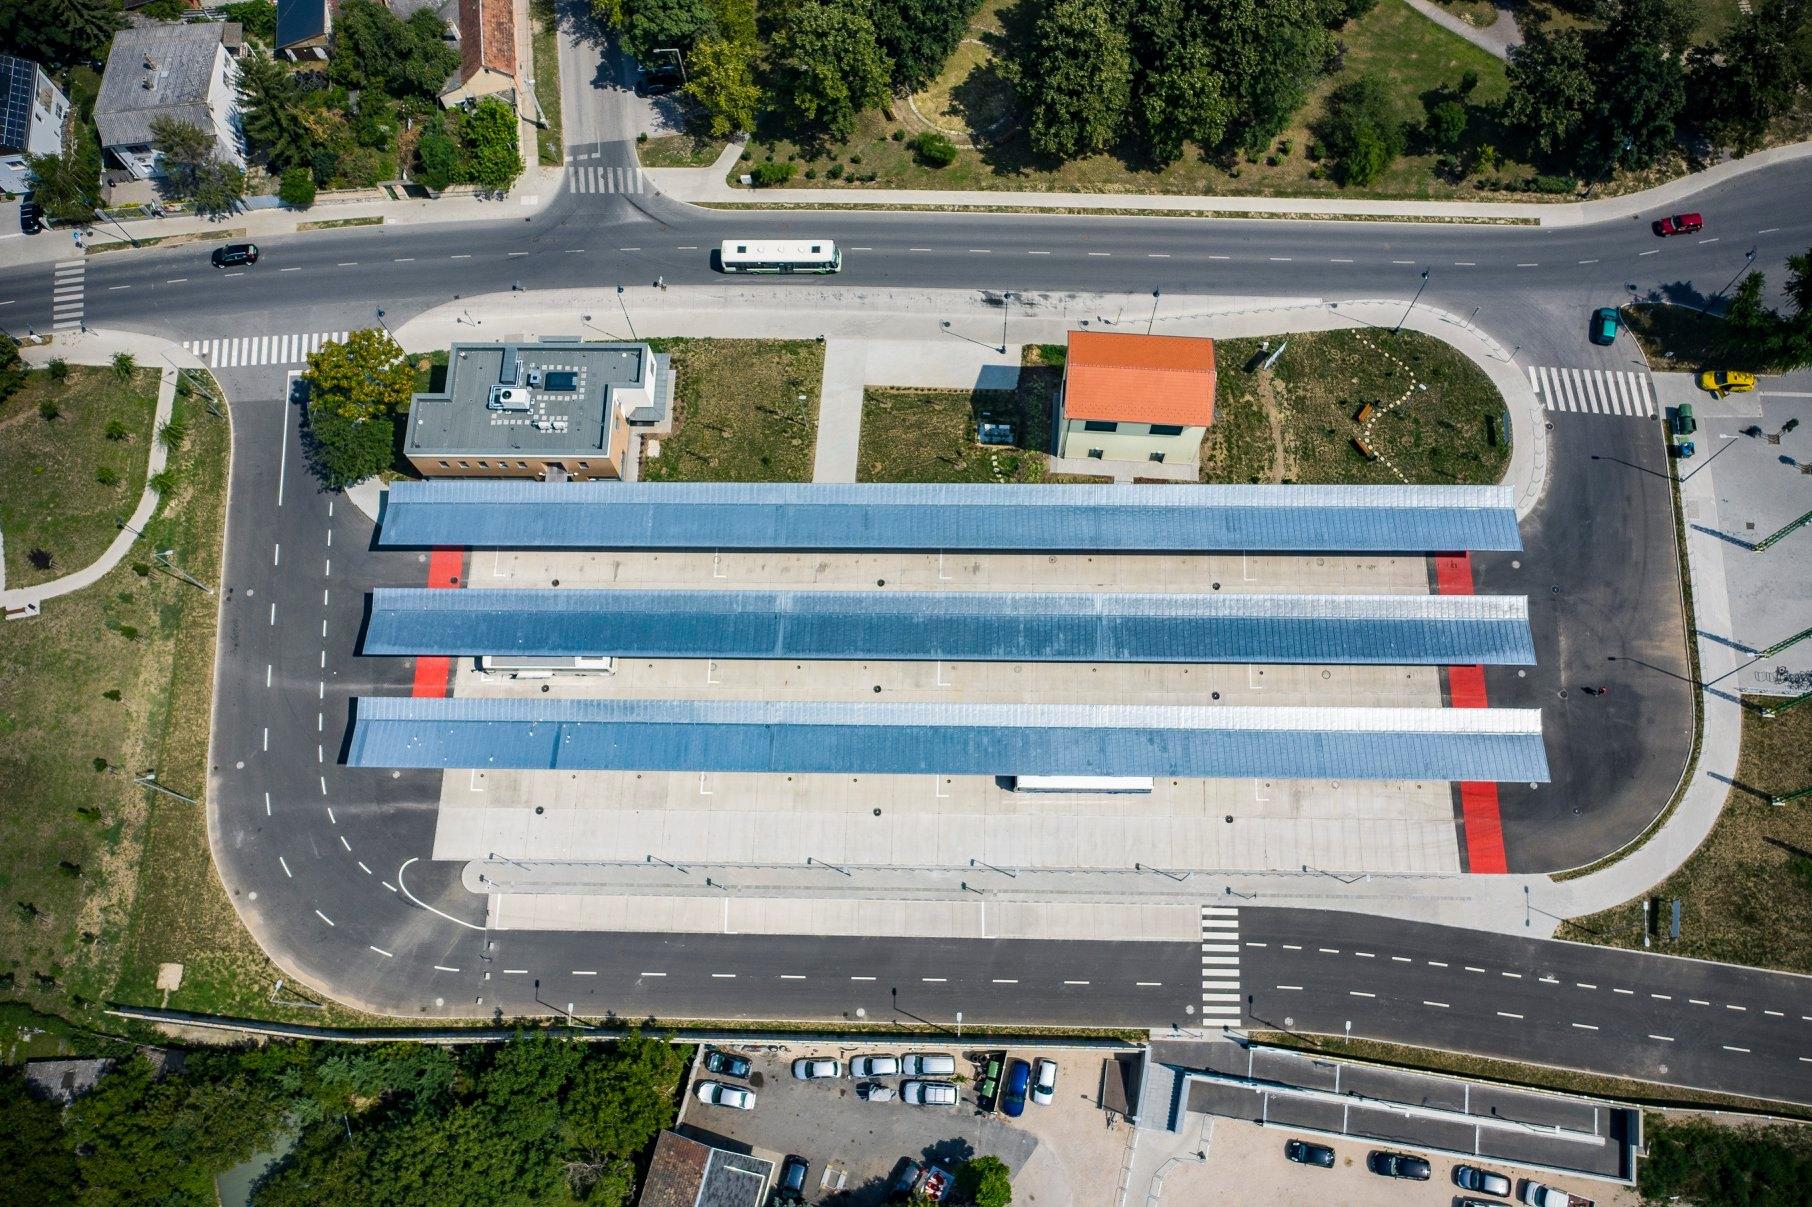 Elkészült és augusztus 20-ától használható is lesz Esztergom új buszpályaudvara, mely a szomszédságában található vasútállomással együtt intermodális csomópontként funkcionálhat (fotók: NIF Zrt.)